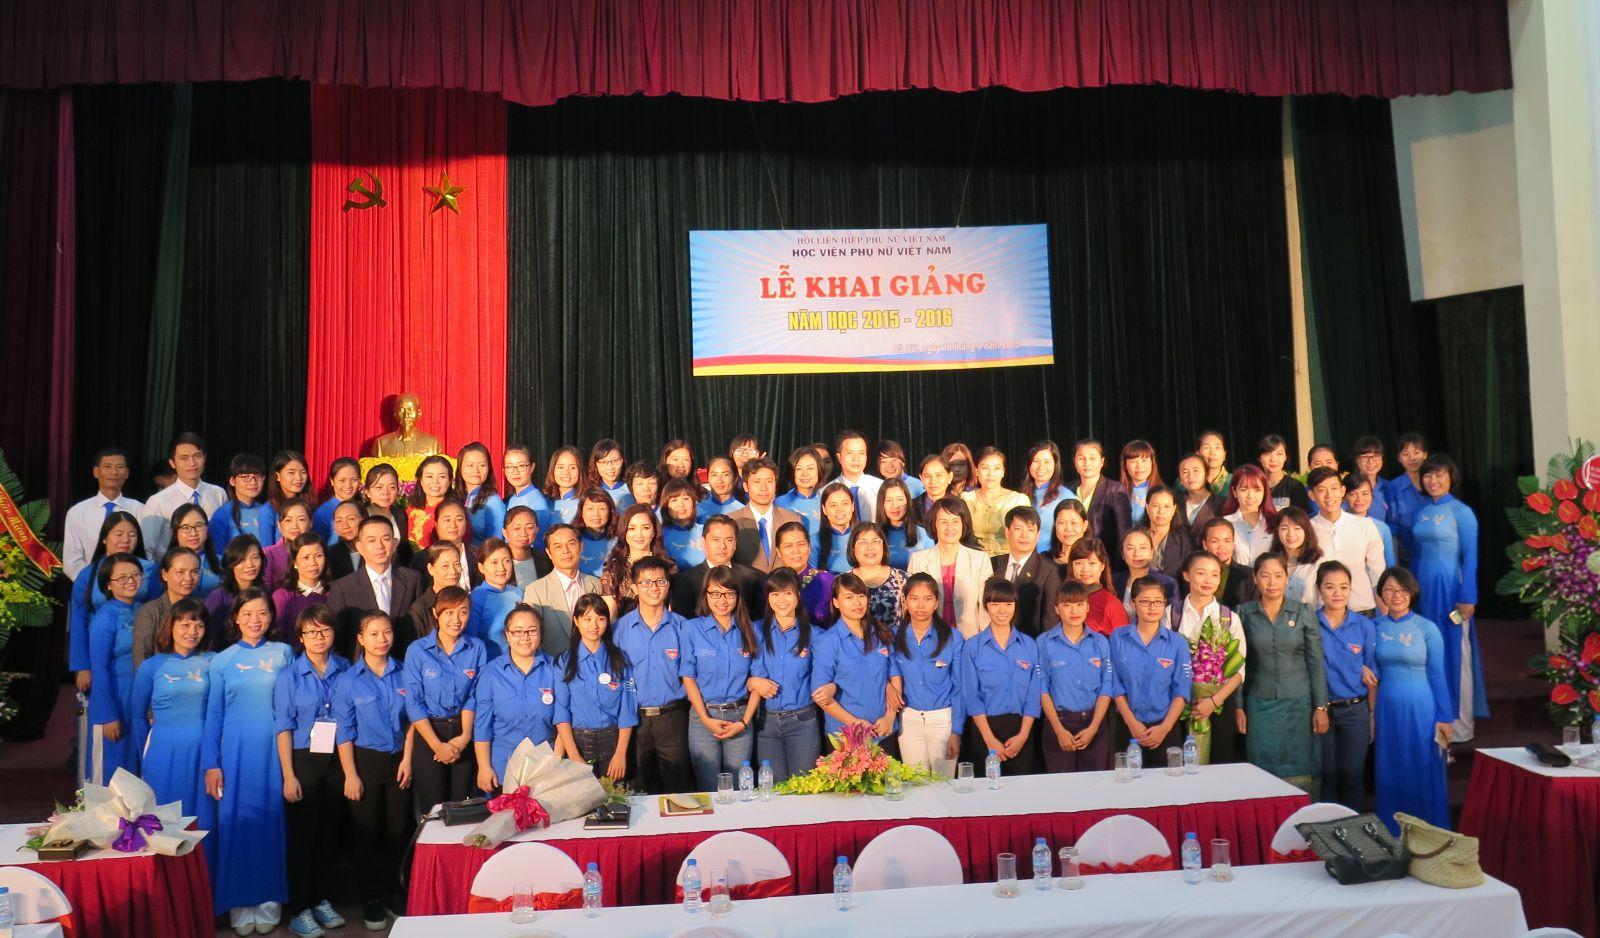 Giới thiệu hoạt động đào tạo cử nhân chính quy tại Học viện Phụ nữ Việt Nam